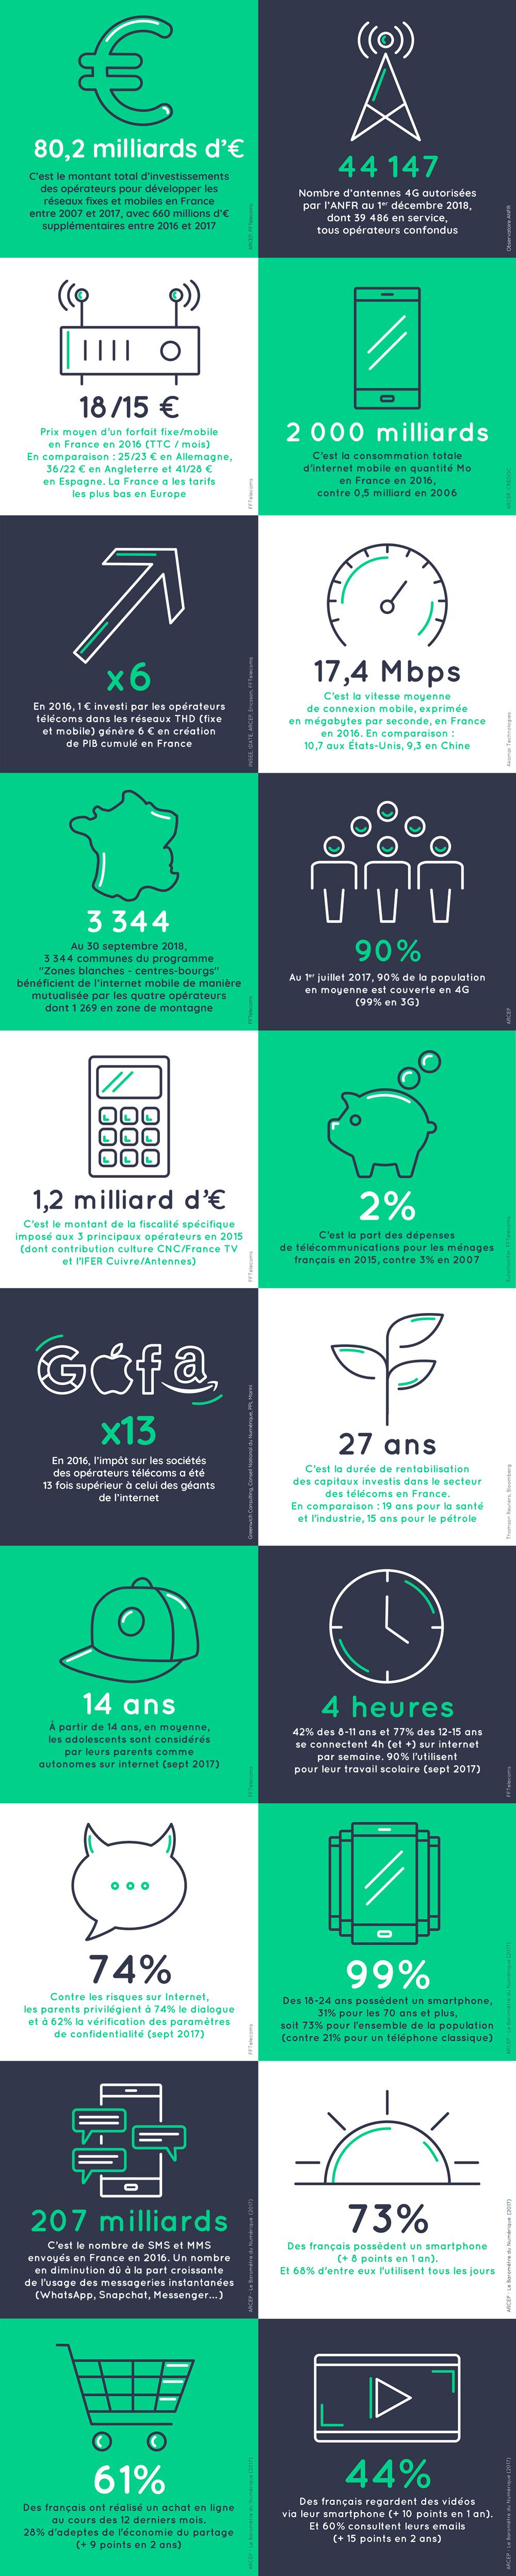 1er chiffre-clé. 80,2 milliards d'euros. C'est le montant total d'investissements des opérateurs pour développer les réseaux fixes et mobiles en France entre 2007 et 2017, avec 660 millions d'€ supplémentaires entre 2016 et 2017. 2ème chiffre-clé. : 44 147. C'est le nombre d'antennes 4G autorisées par l'ANFR au 1er décembre 2018, dont 39 486 en service, tous opérateurs confondus. 3ème chiffre-clé : 18/15 €. C'est le prix moyen d'un forfait fixe/mobile en France en 2016 (TTC / mois) En comparaison : 25/23 € en Allemagne, 36/22 € en Angleterre et 41/28 € en Espagne. La France a les tarifs les plus bas en Europe.